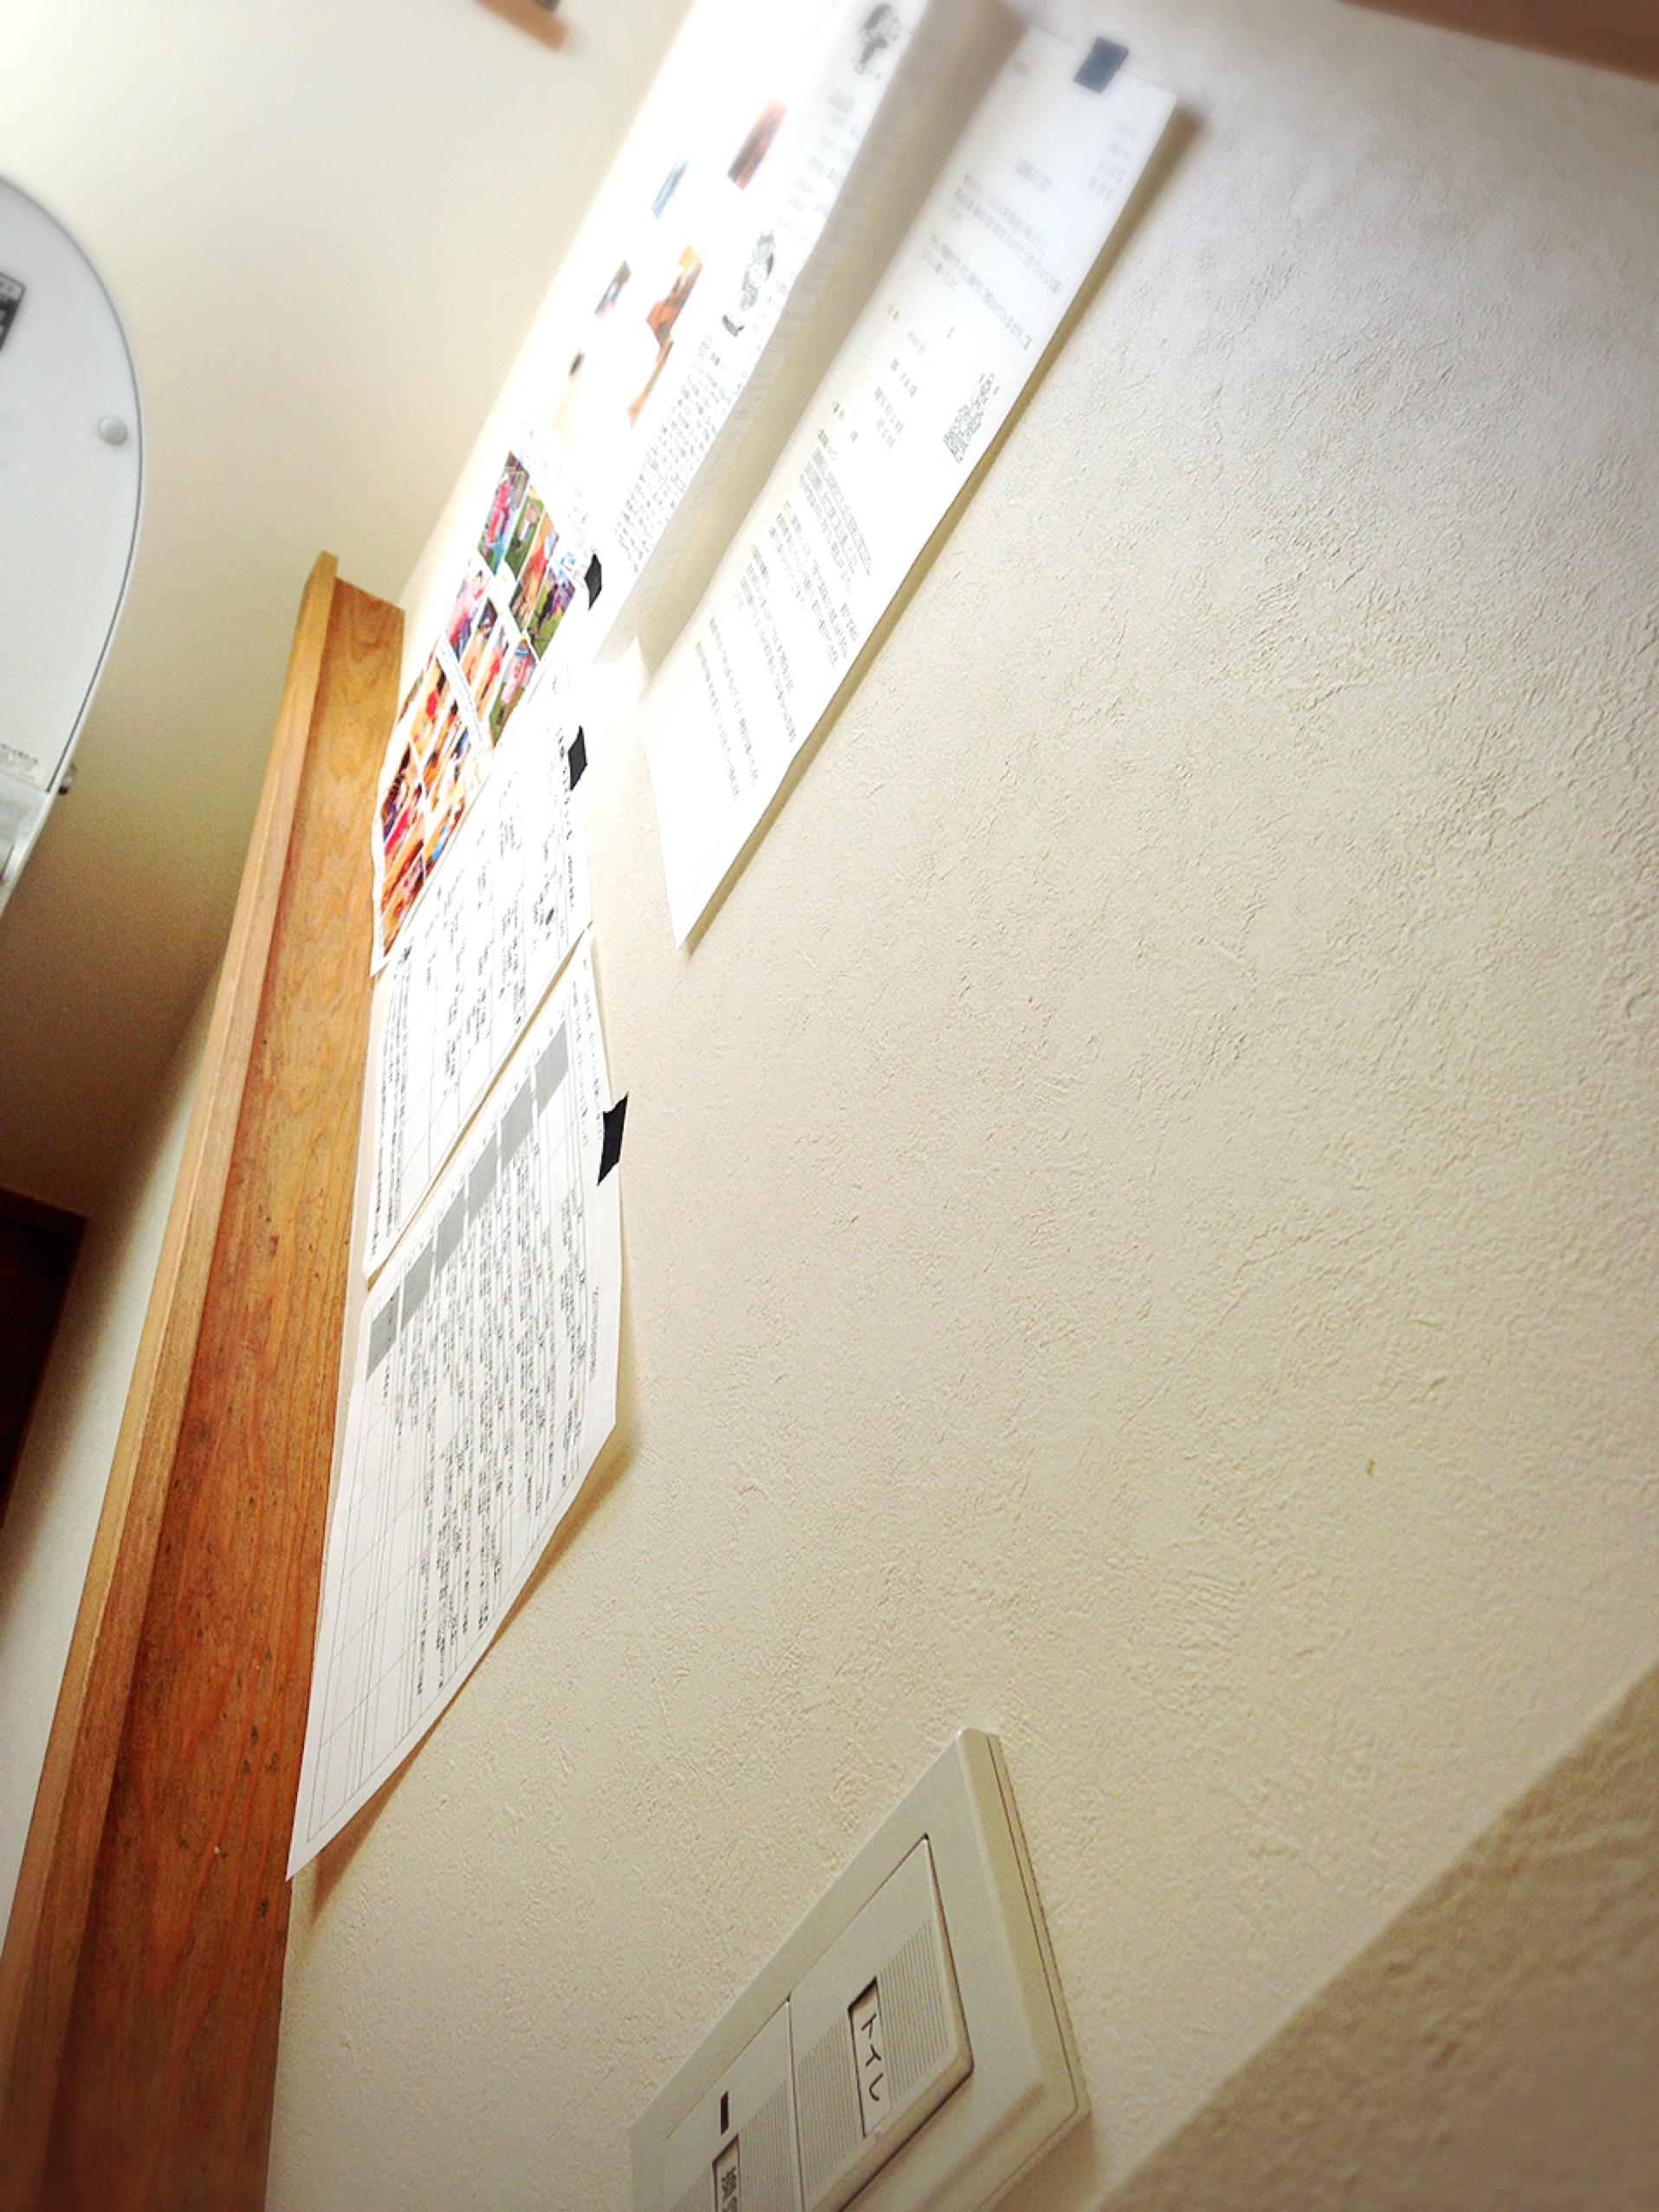 毎月の子ども関係書類、最適な掲示場所。